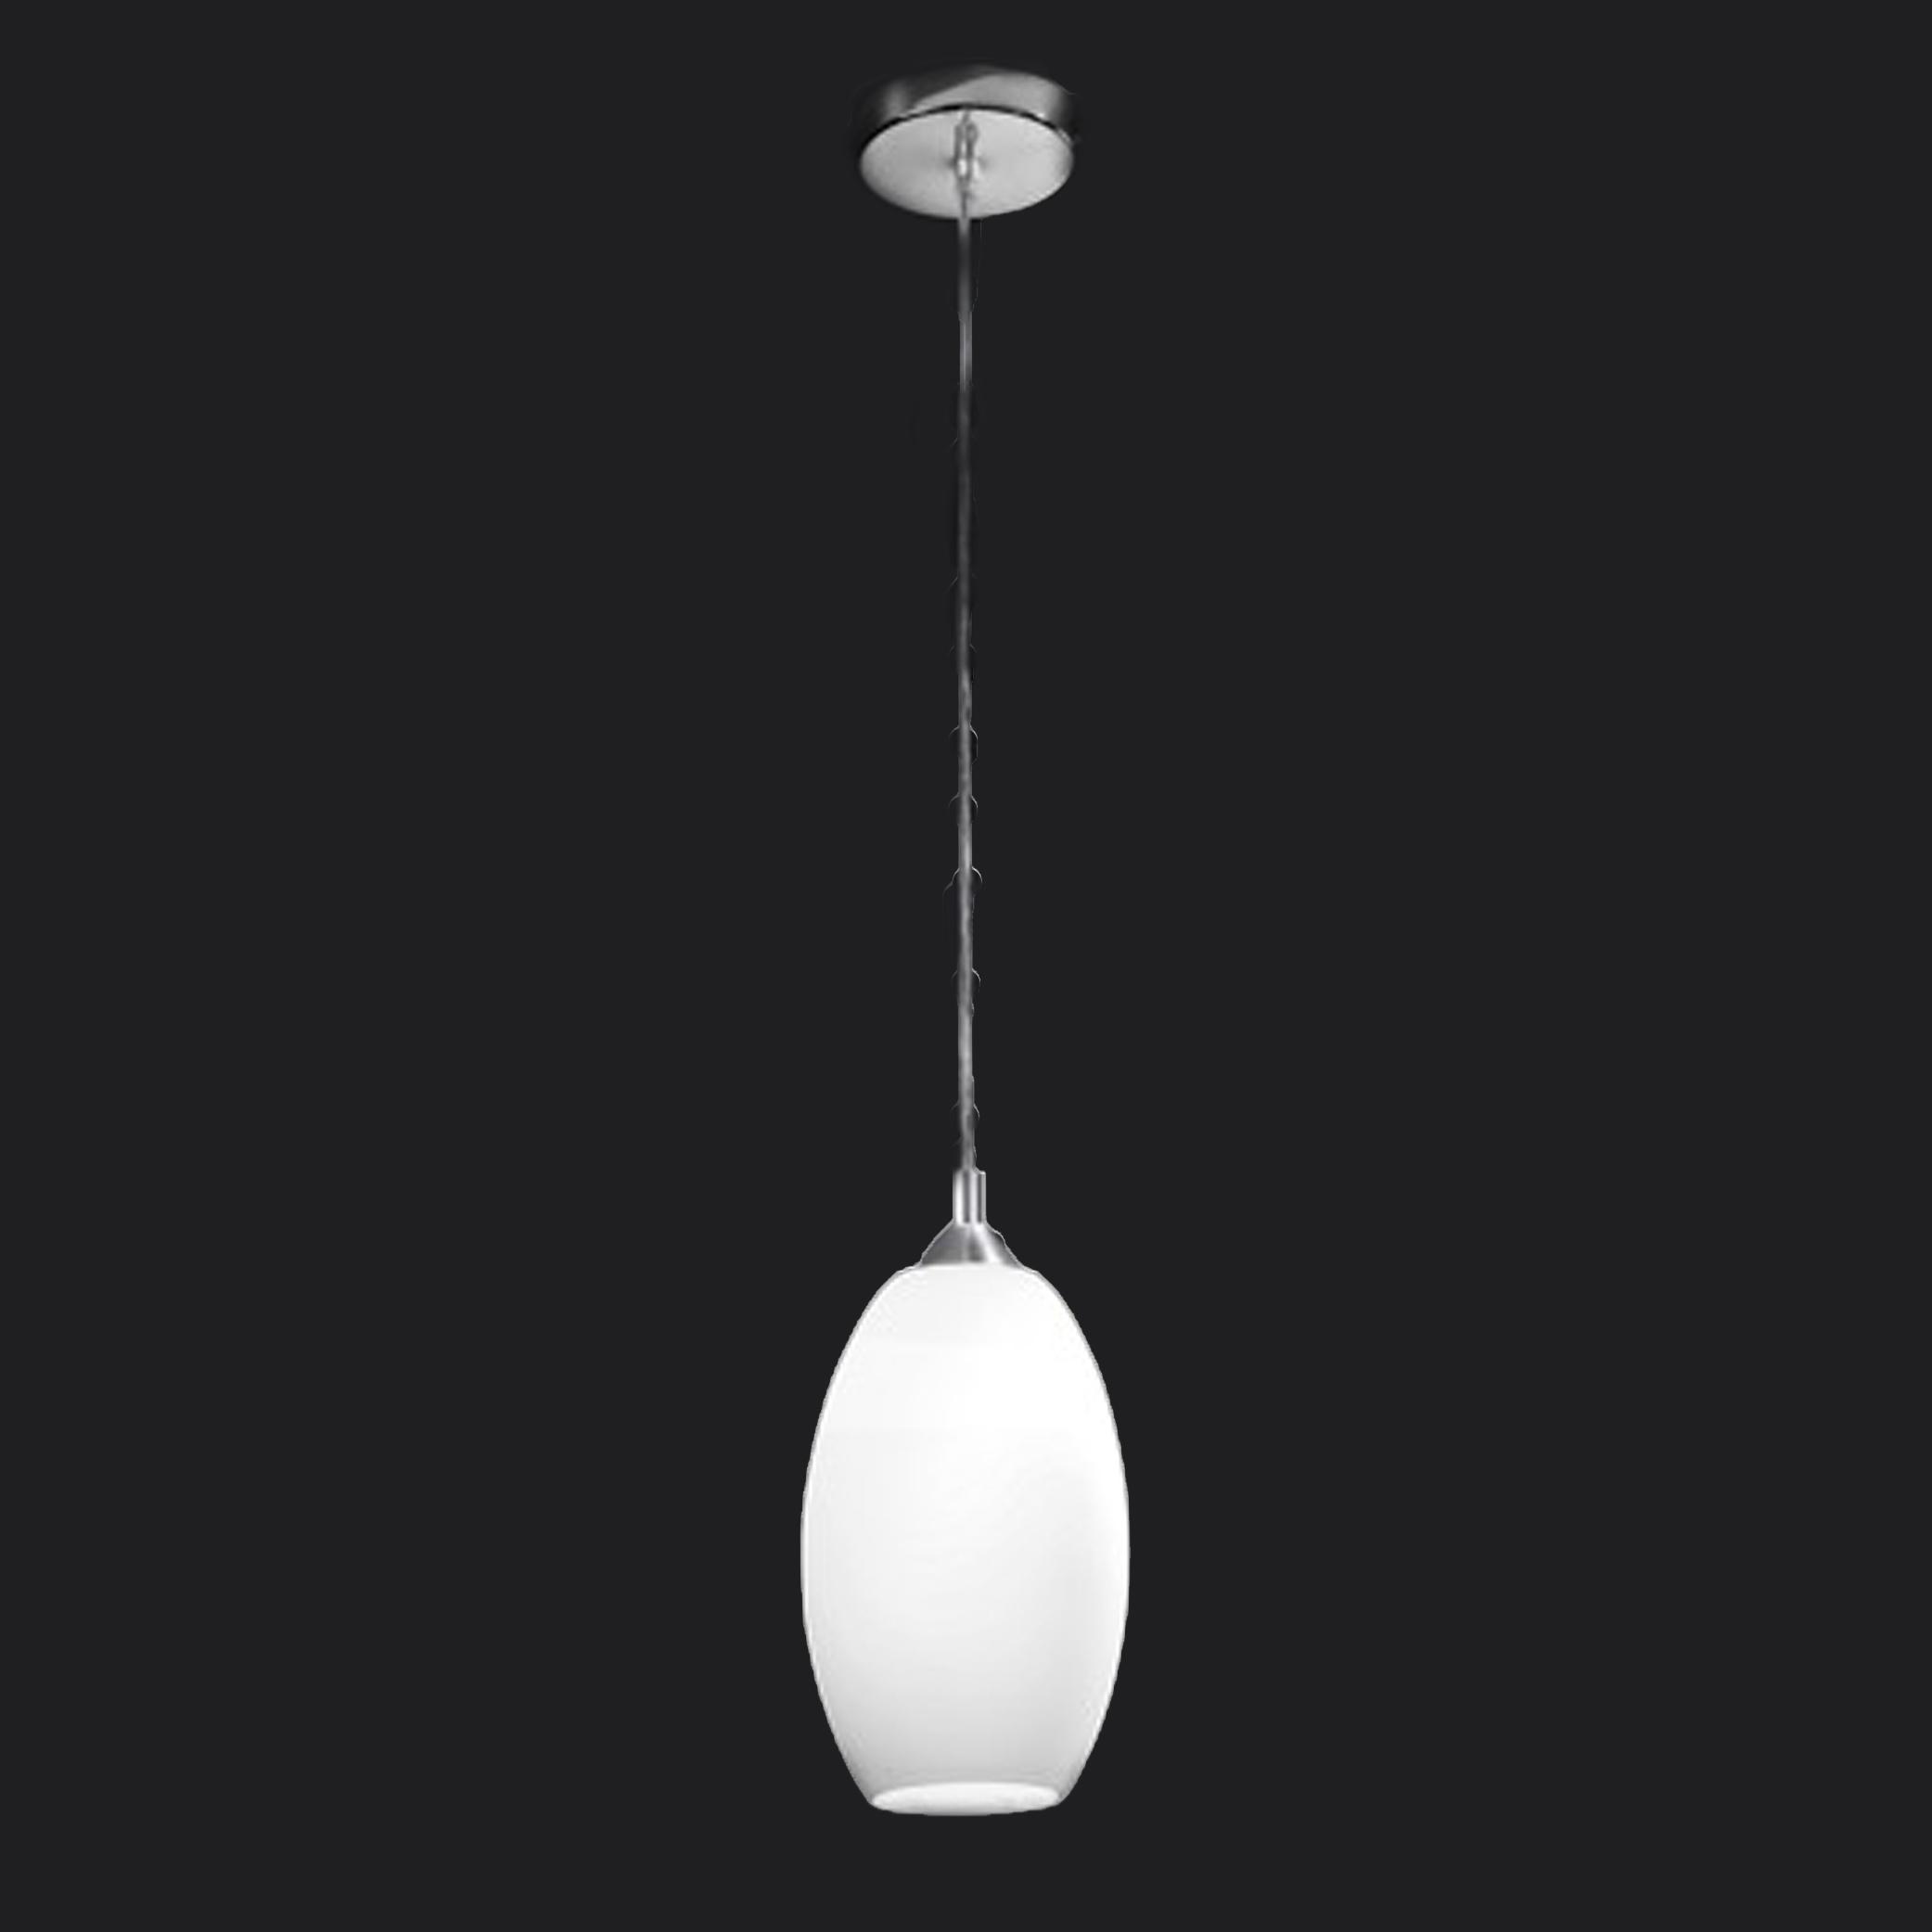 Franklite Modern 1 Light Ceiling Pendant Chrome PCH85 818 From Easy Lighting